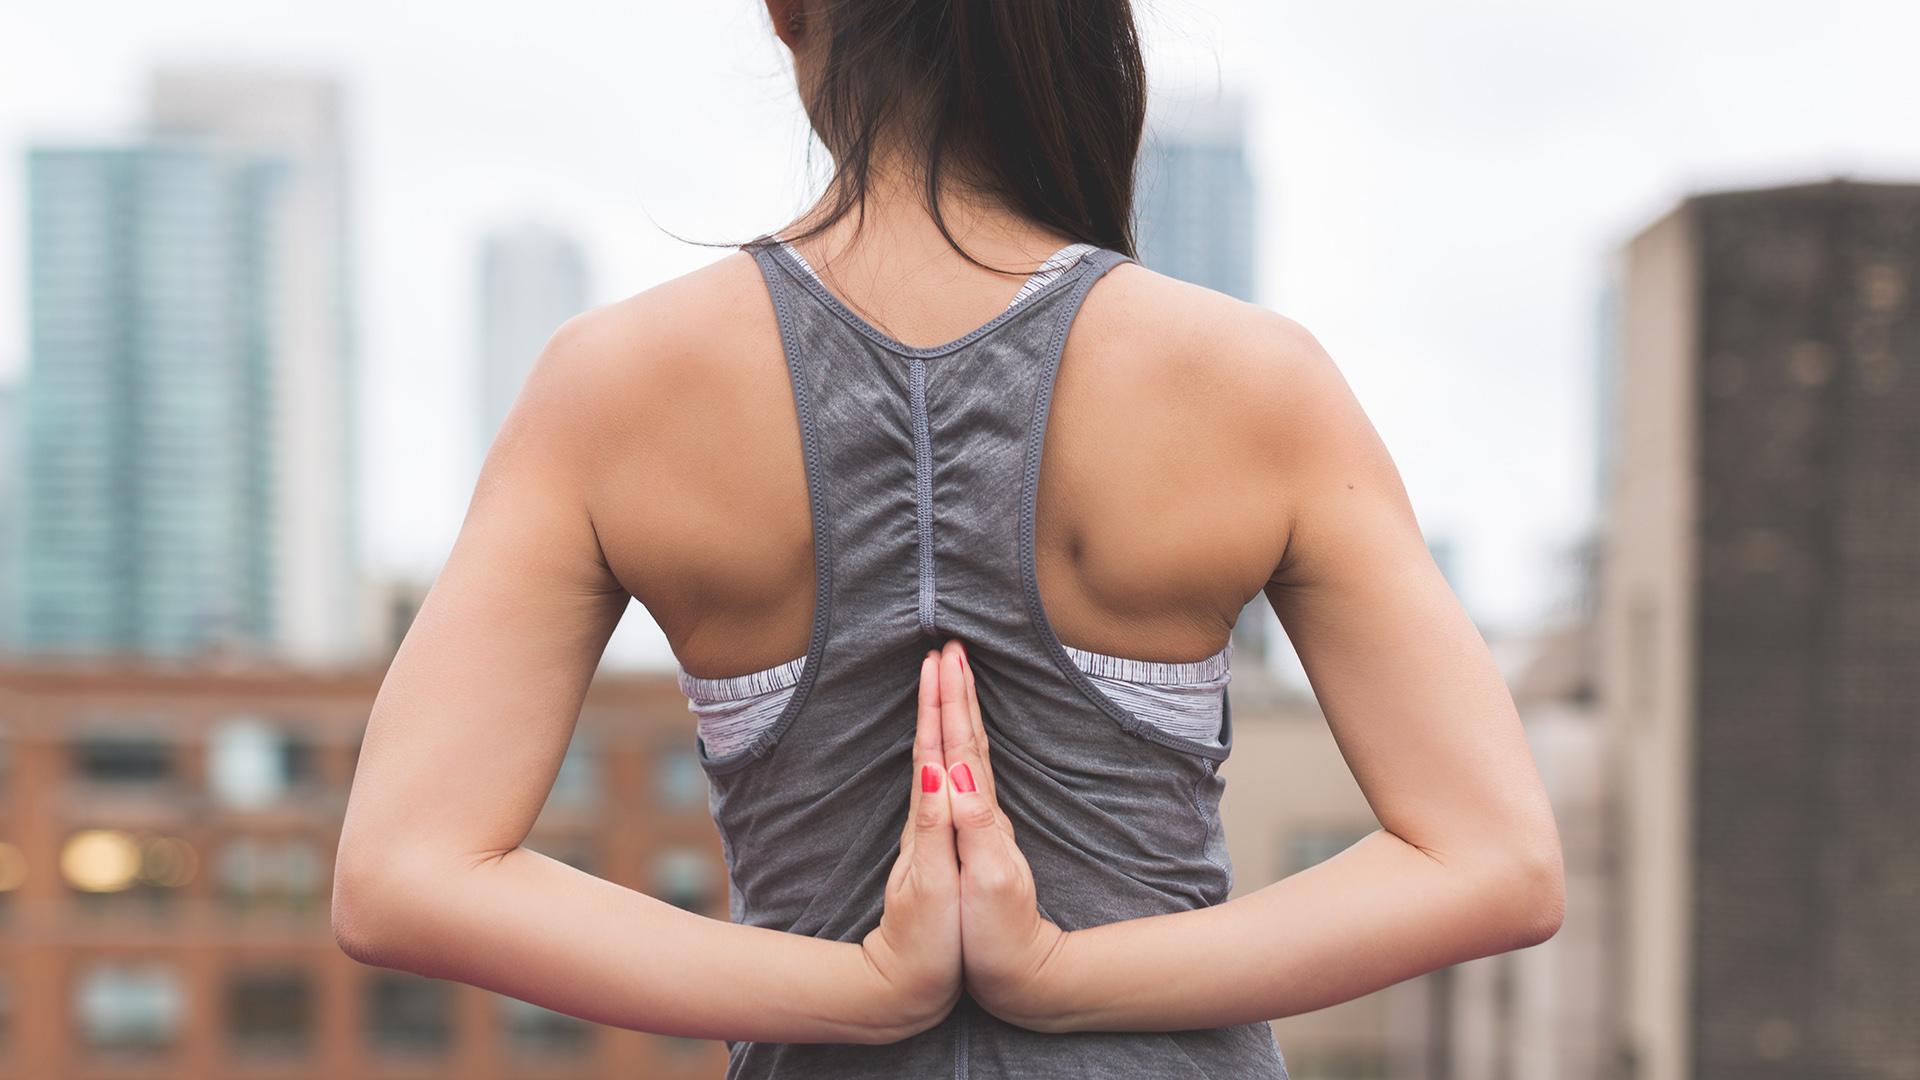 """yoga pexels - Những điều thú vị bạn có thể thử cùng """"đồng đội"""" sau những giờ làm việc"""